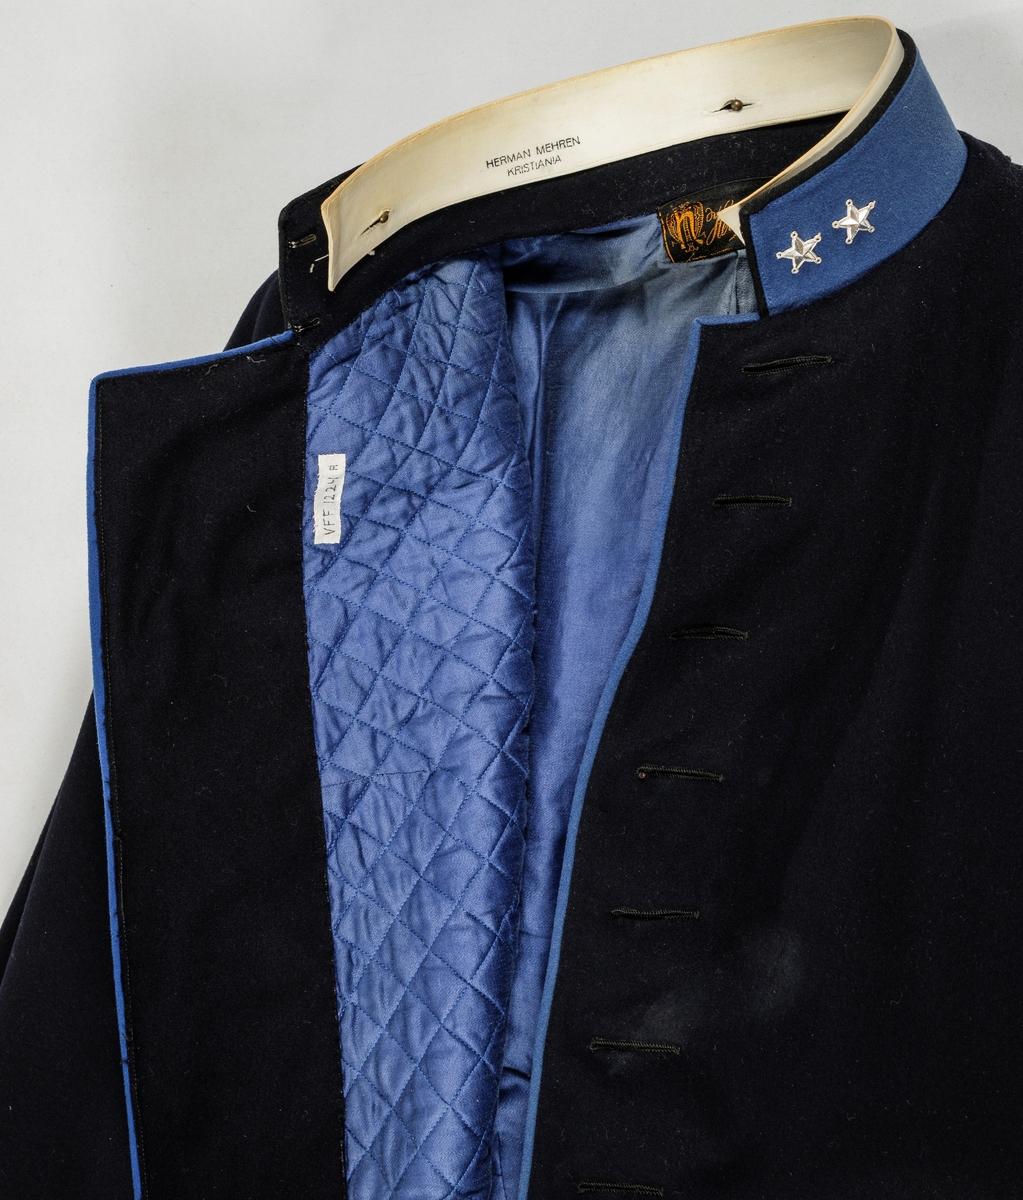 Uniform, løyntnantsuniform, i svart klede med kantar i blått klede. Registreringa inneheld A. Trøye, B Bukse, C Lue, D og E Pålettar. Sjå nærare fyldig registrering på arkivkort frå 1969.